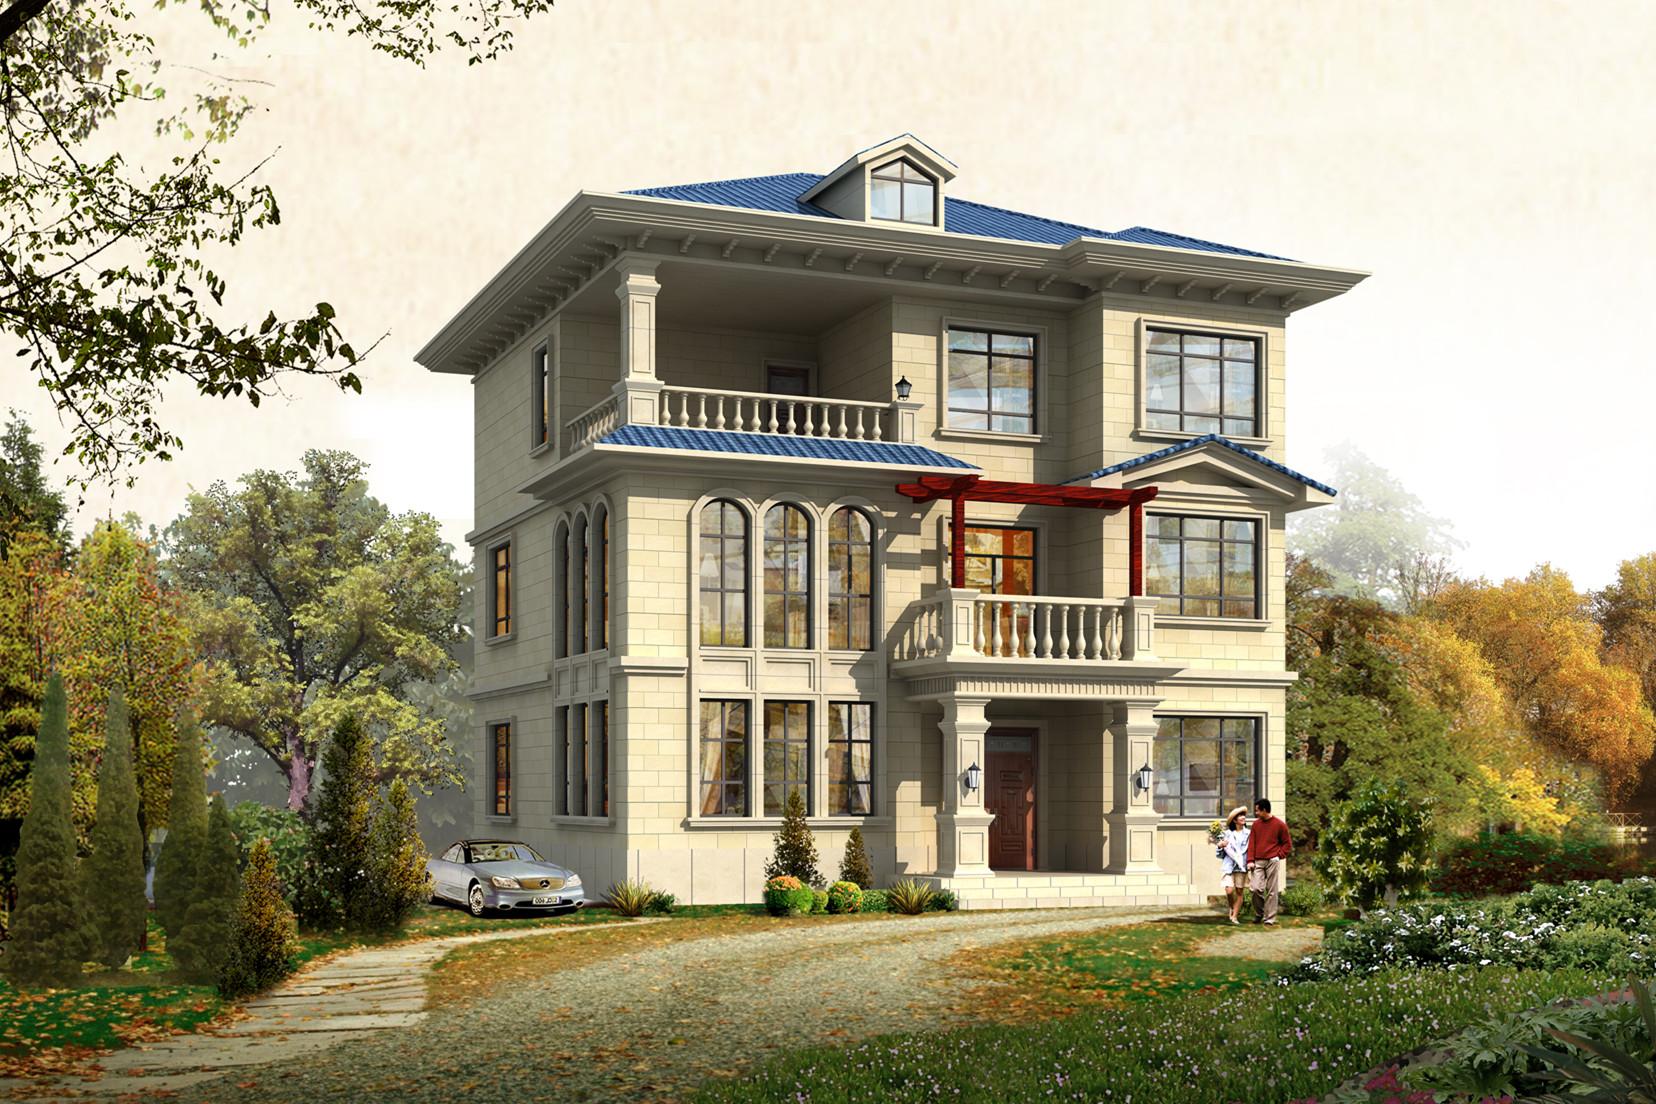 占地125平时尚三层楼房别墅设计图,设计简约时尚